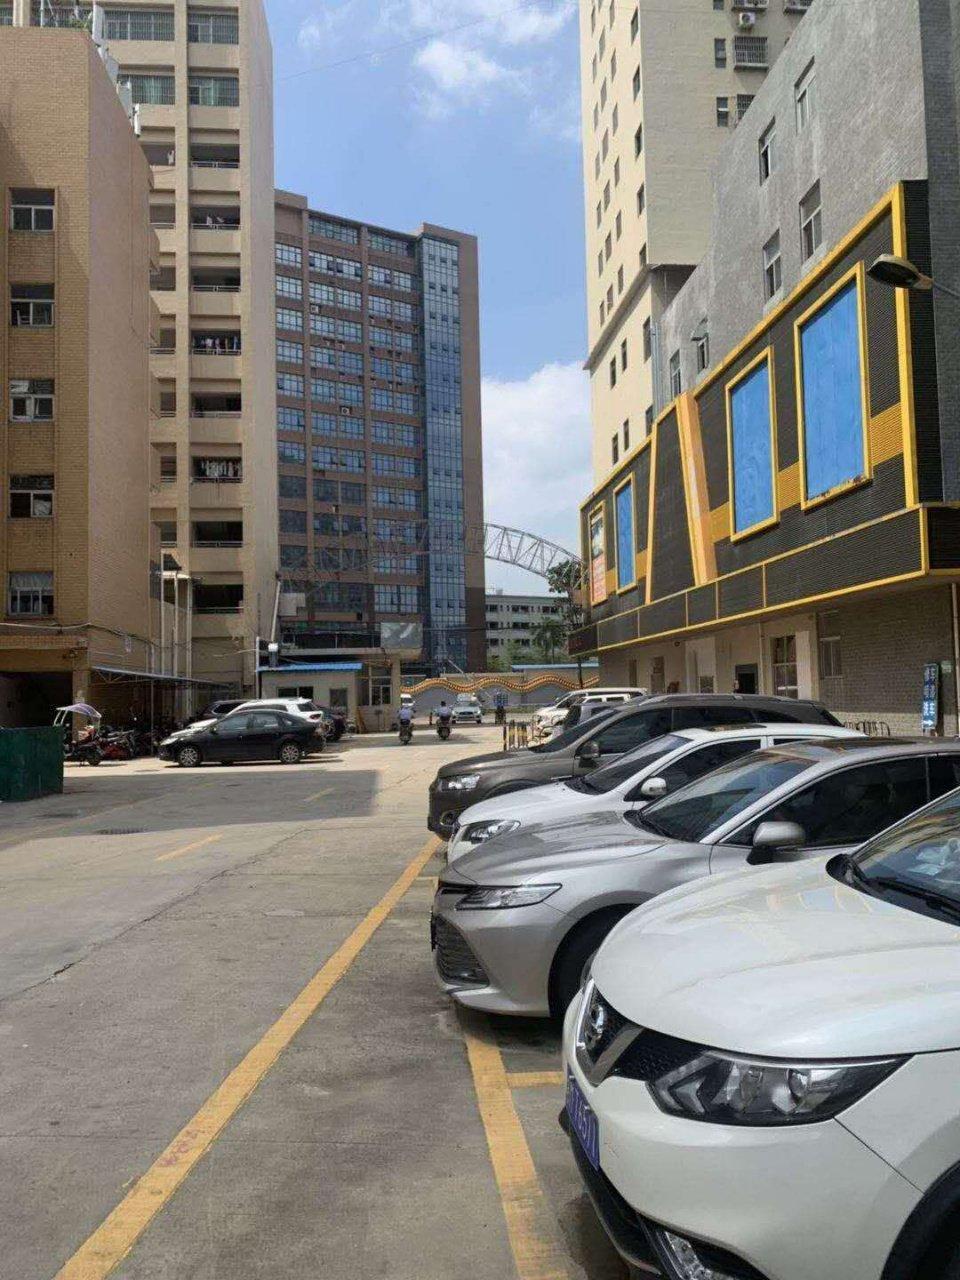 深圳市光明新区红本办公室精装修地坪漆楼上800平米厂房出招租